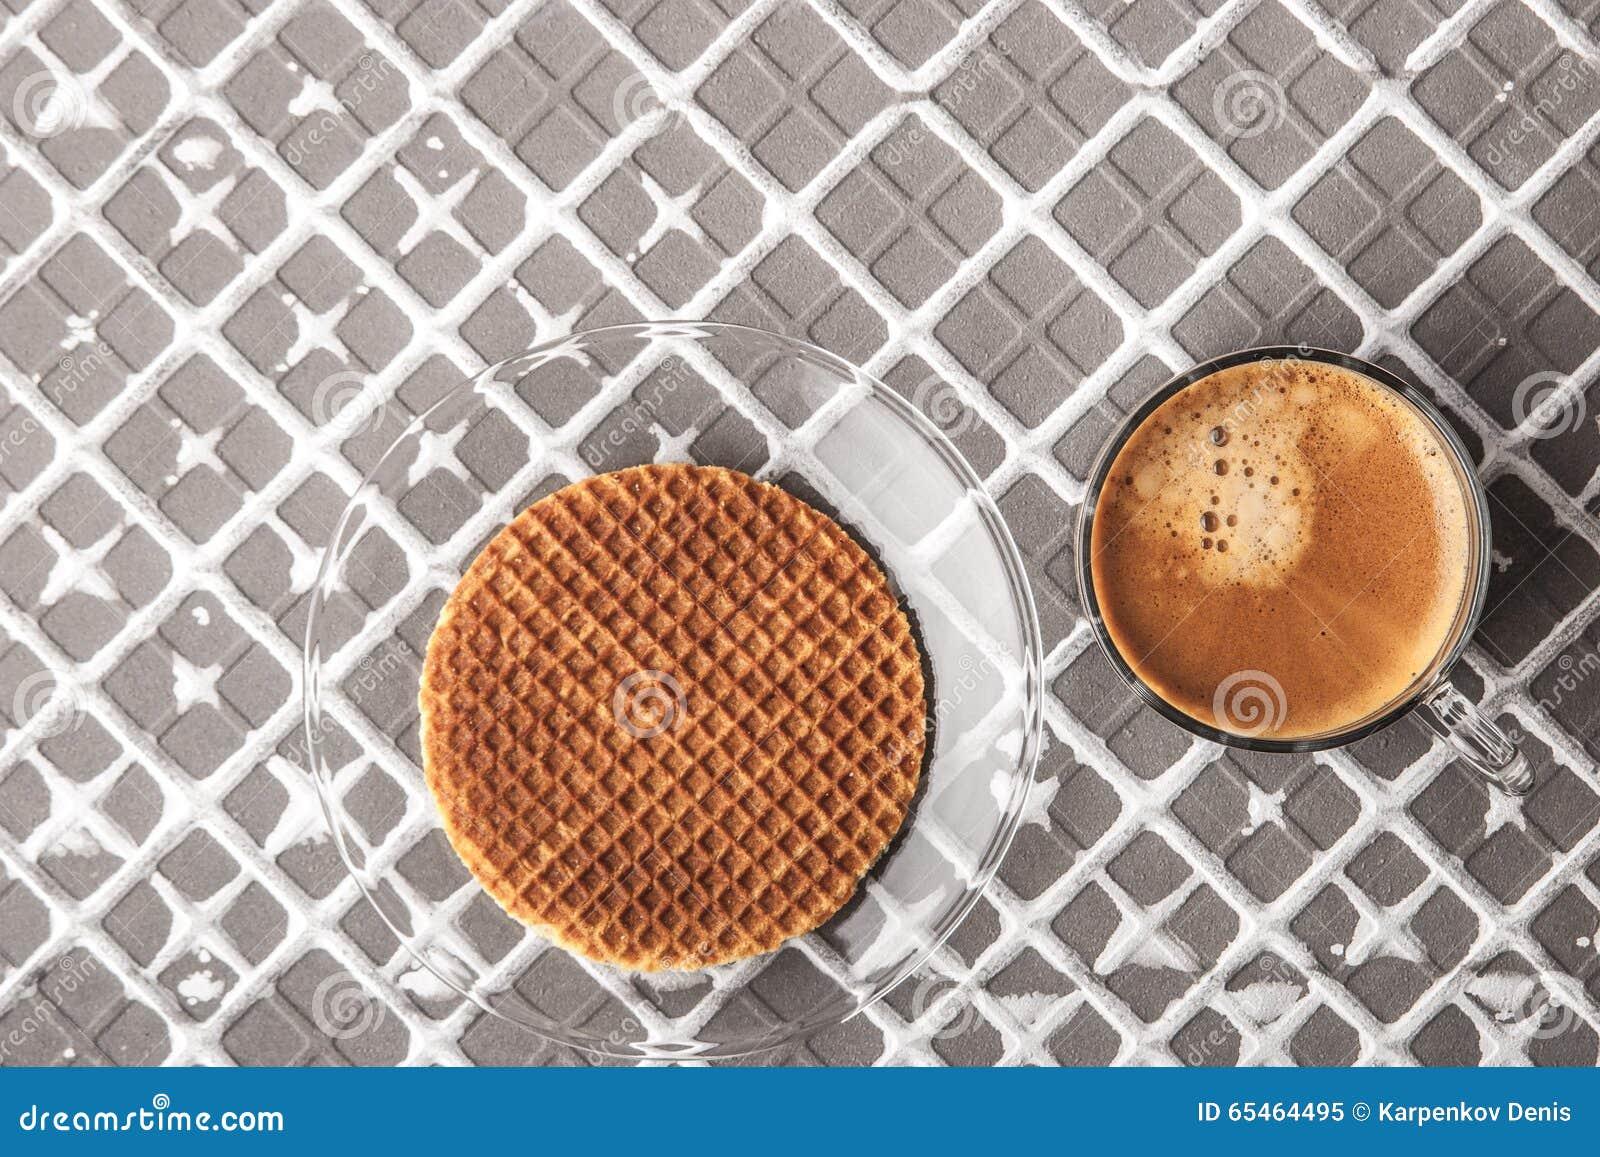 Wafeltje met kop van koffie op de horizontale hulpachtergrond